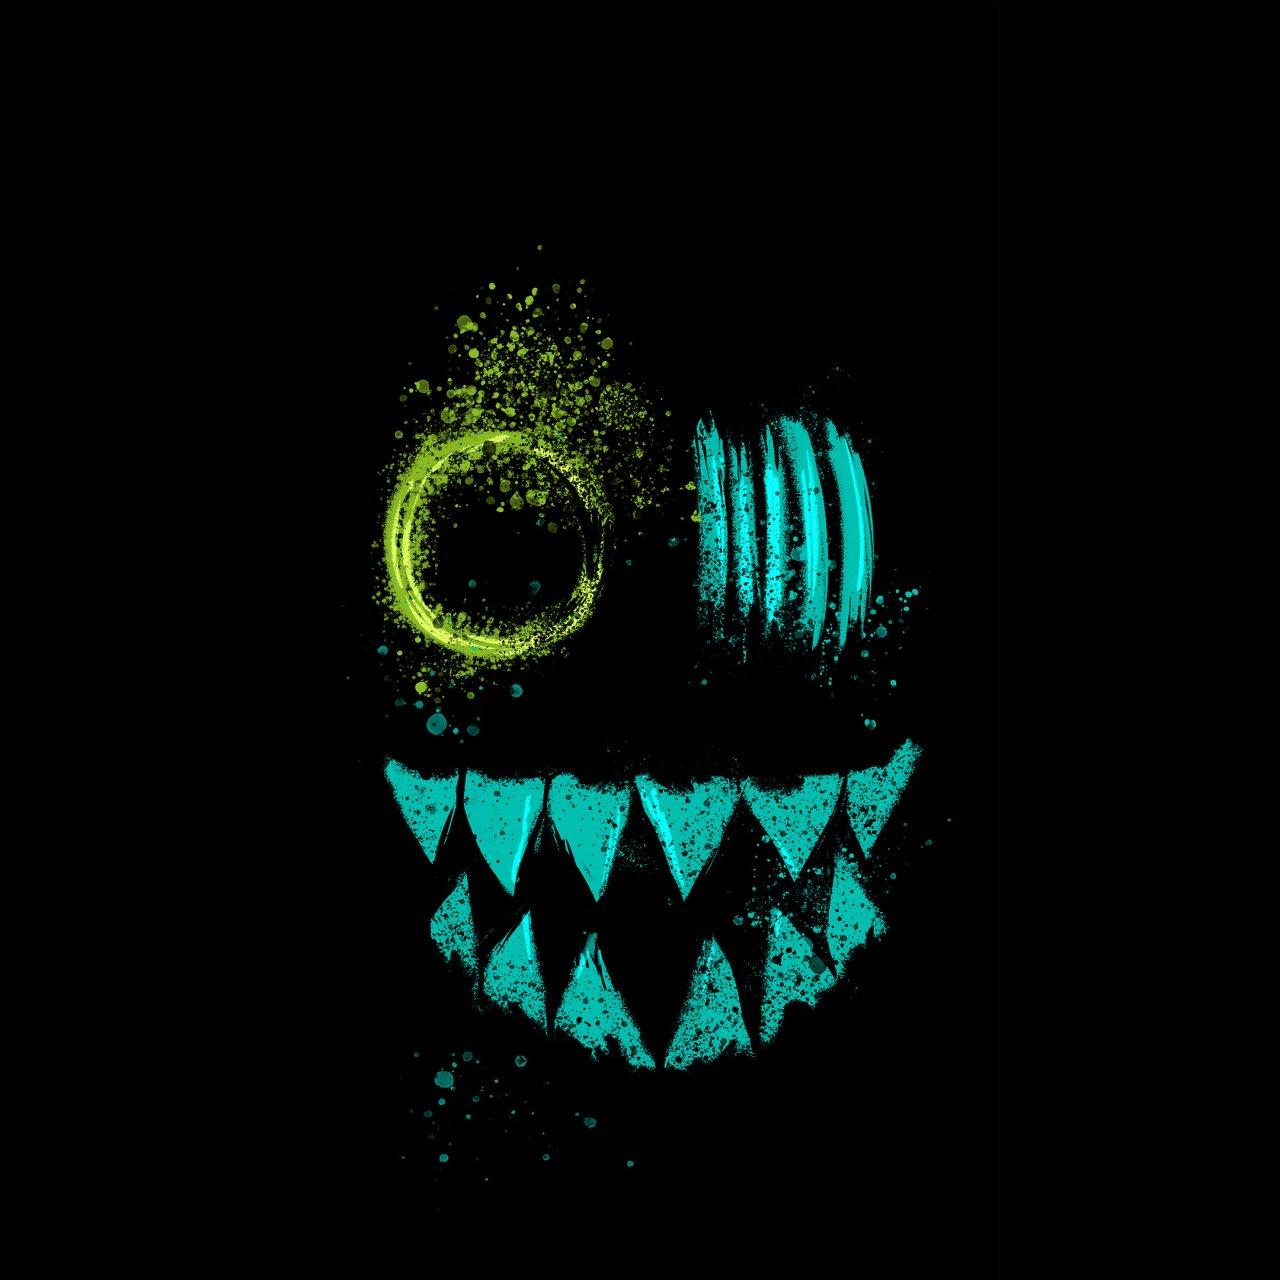 Belorin - ait Kullanıcı Resmi (Avatar)